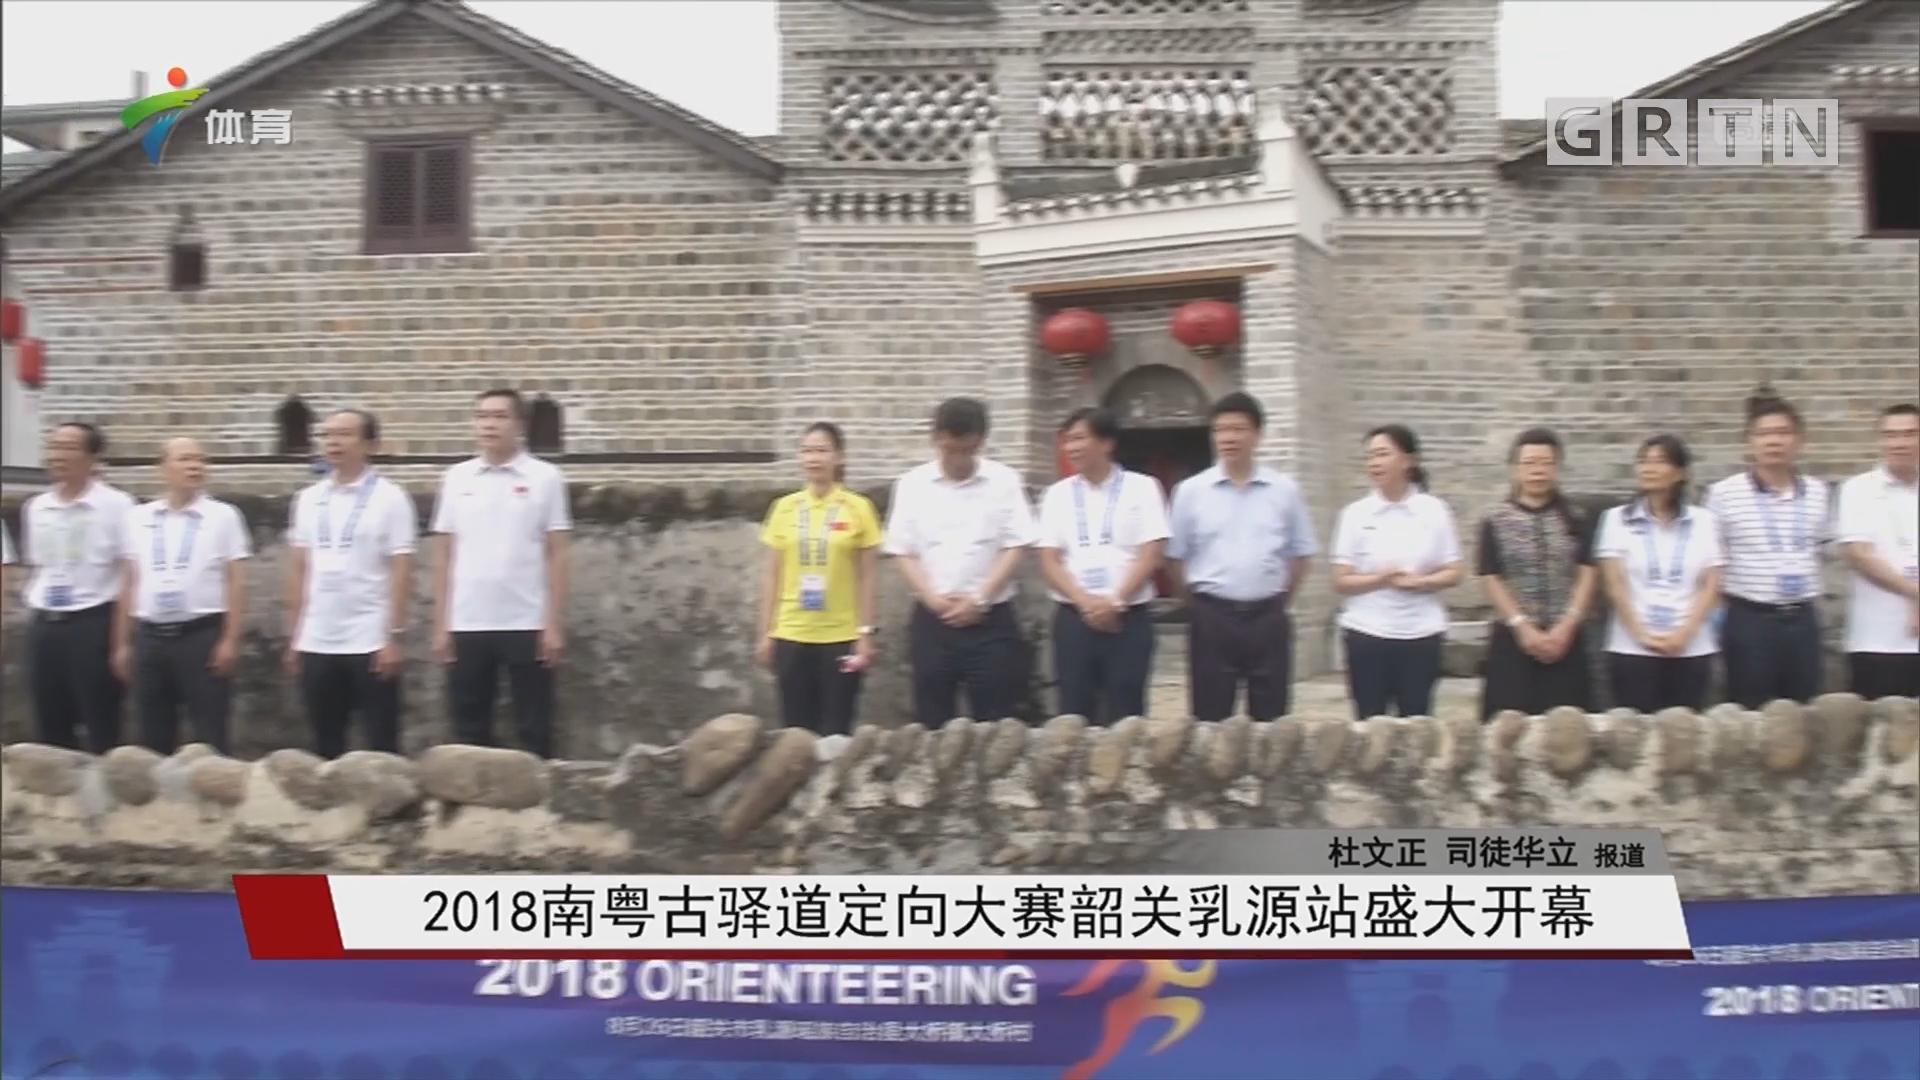 2018南粤古驿道定向大赛韶关乳源站盛大开幕